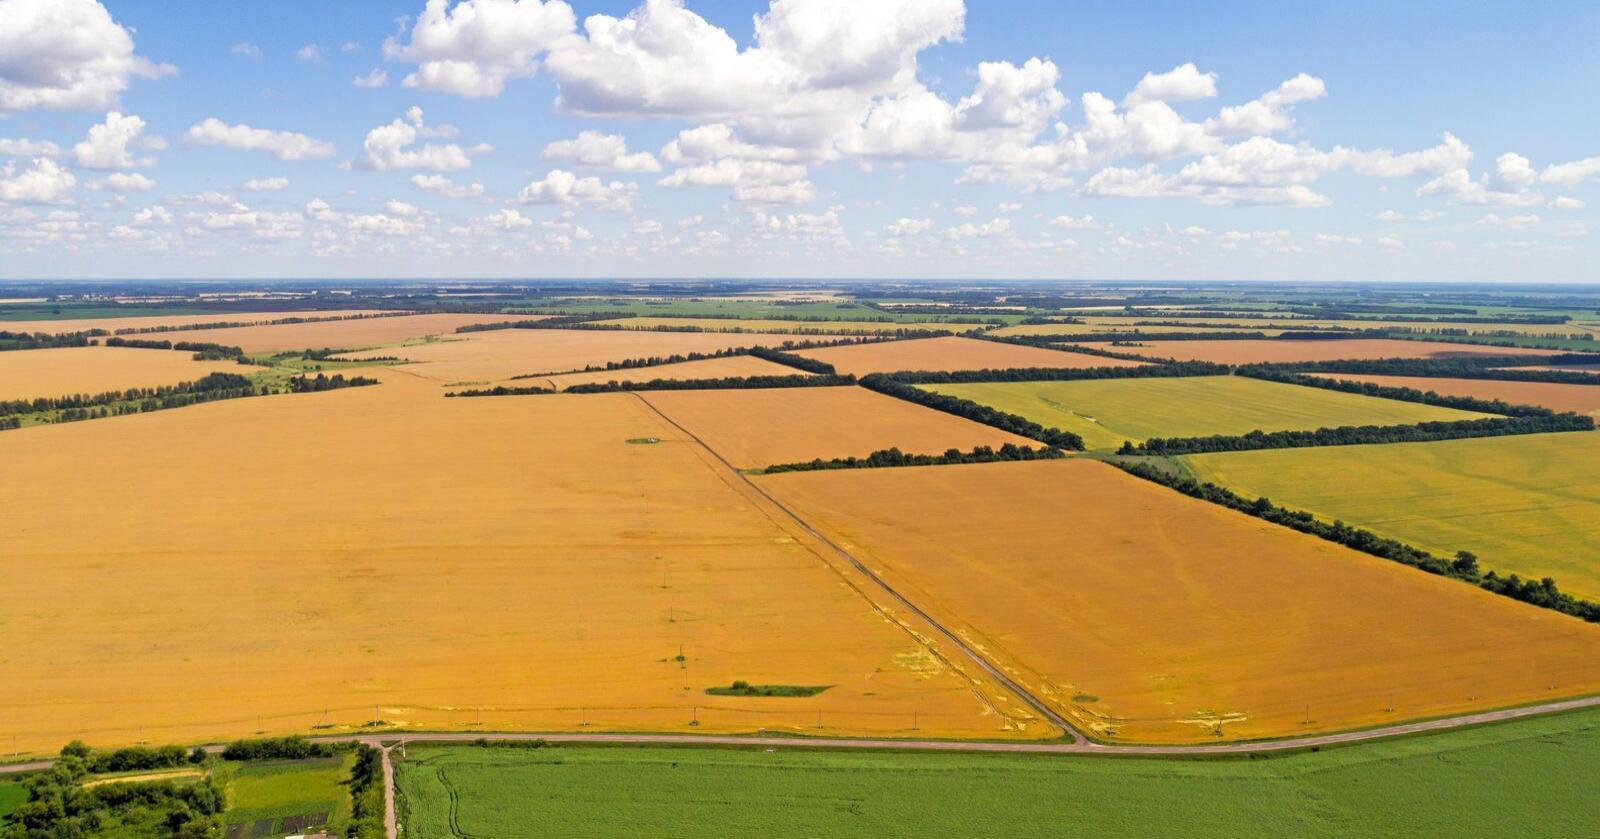 Russiske myndigheter vil stoppe eksporten av korn fram til 1. juli. Foto: Mostphotos